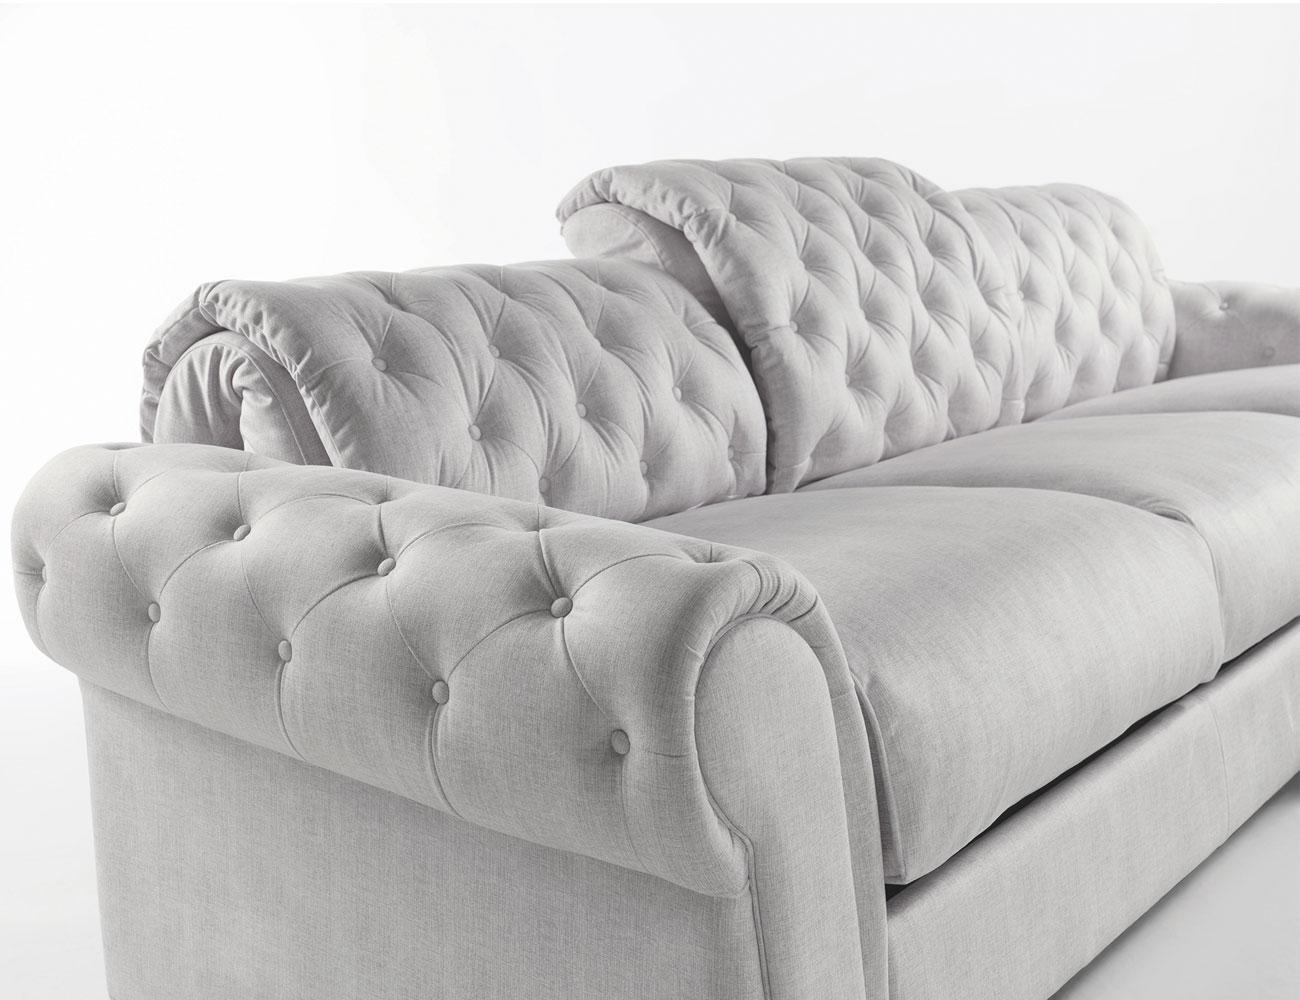 Sofa chaiselongue gran lujo decorativo capitone blanco tela 157